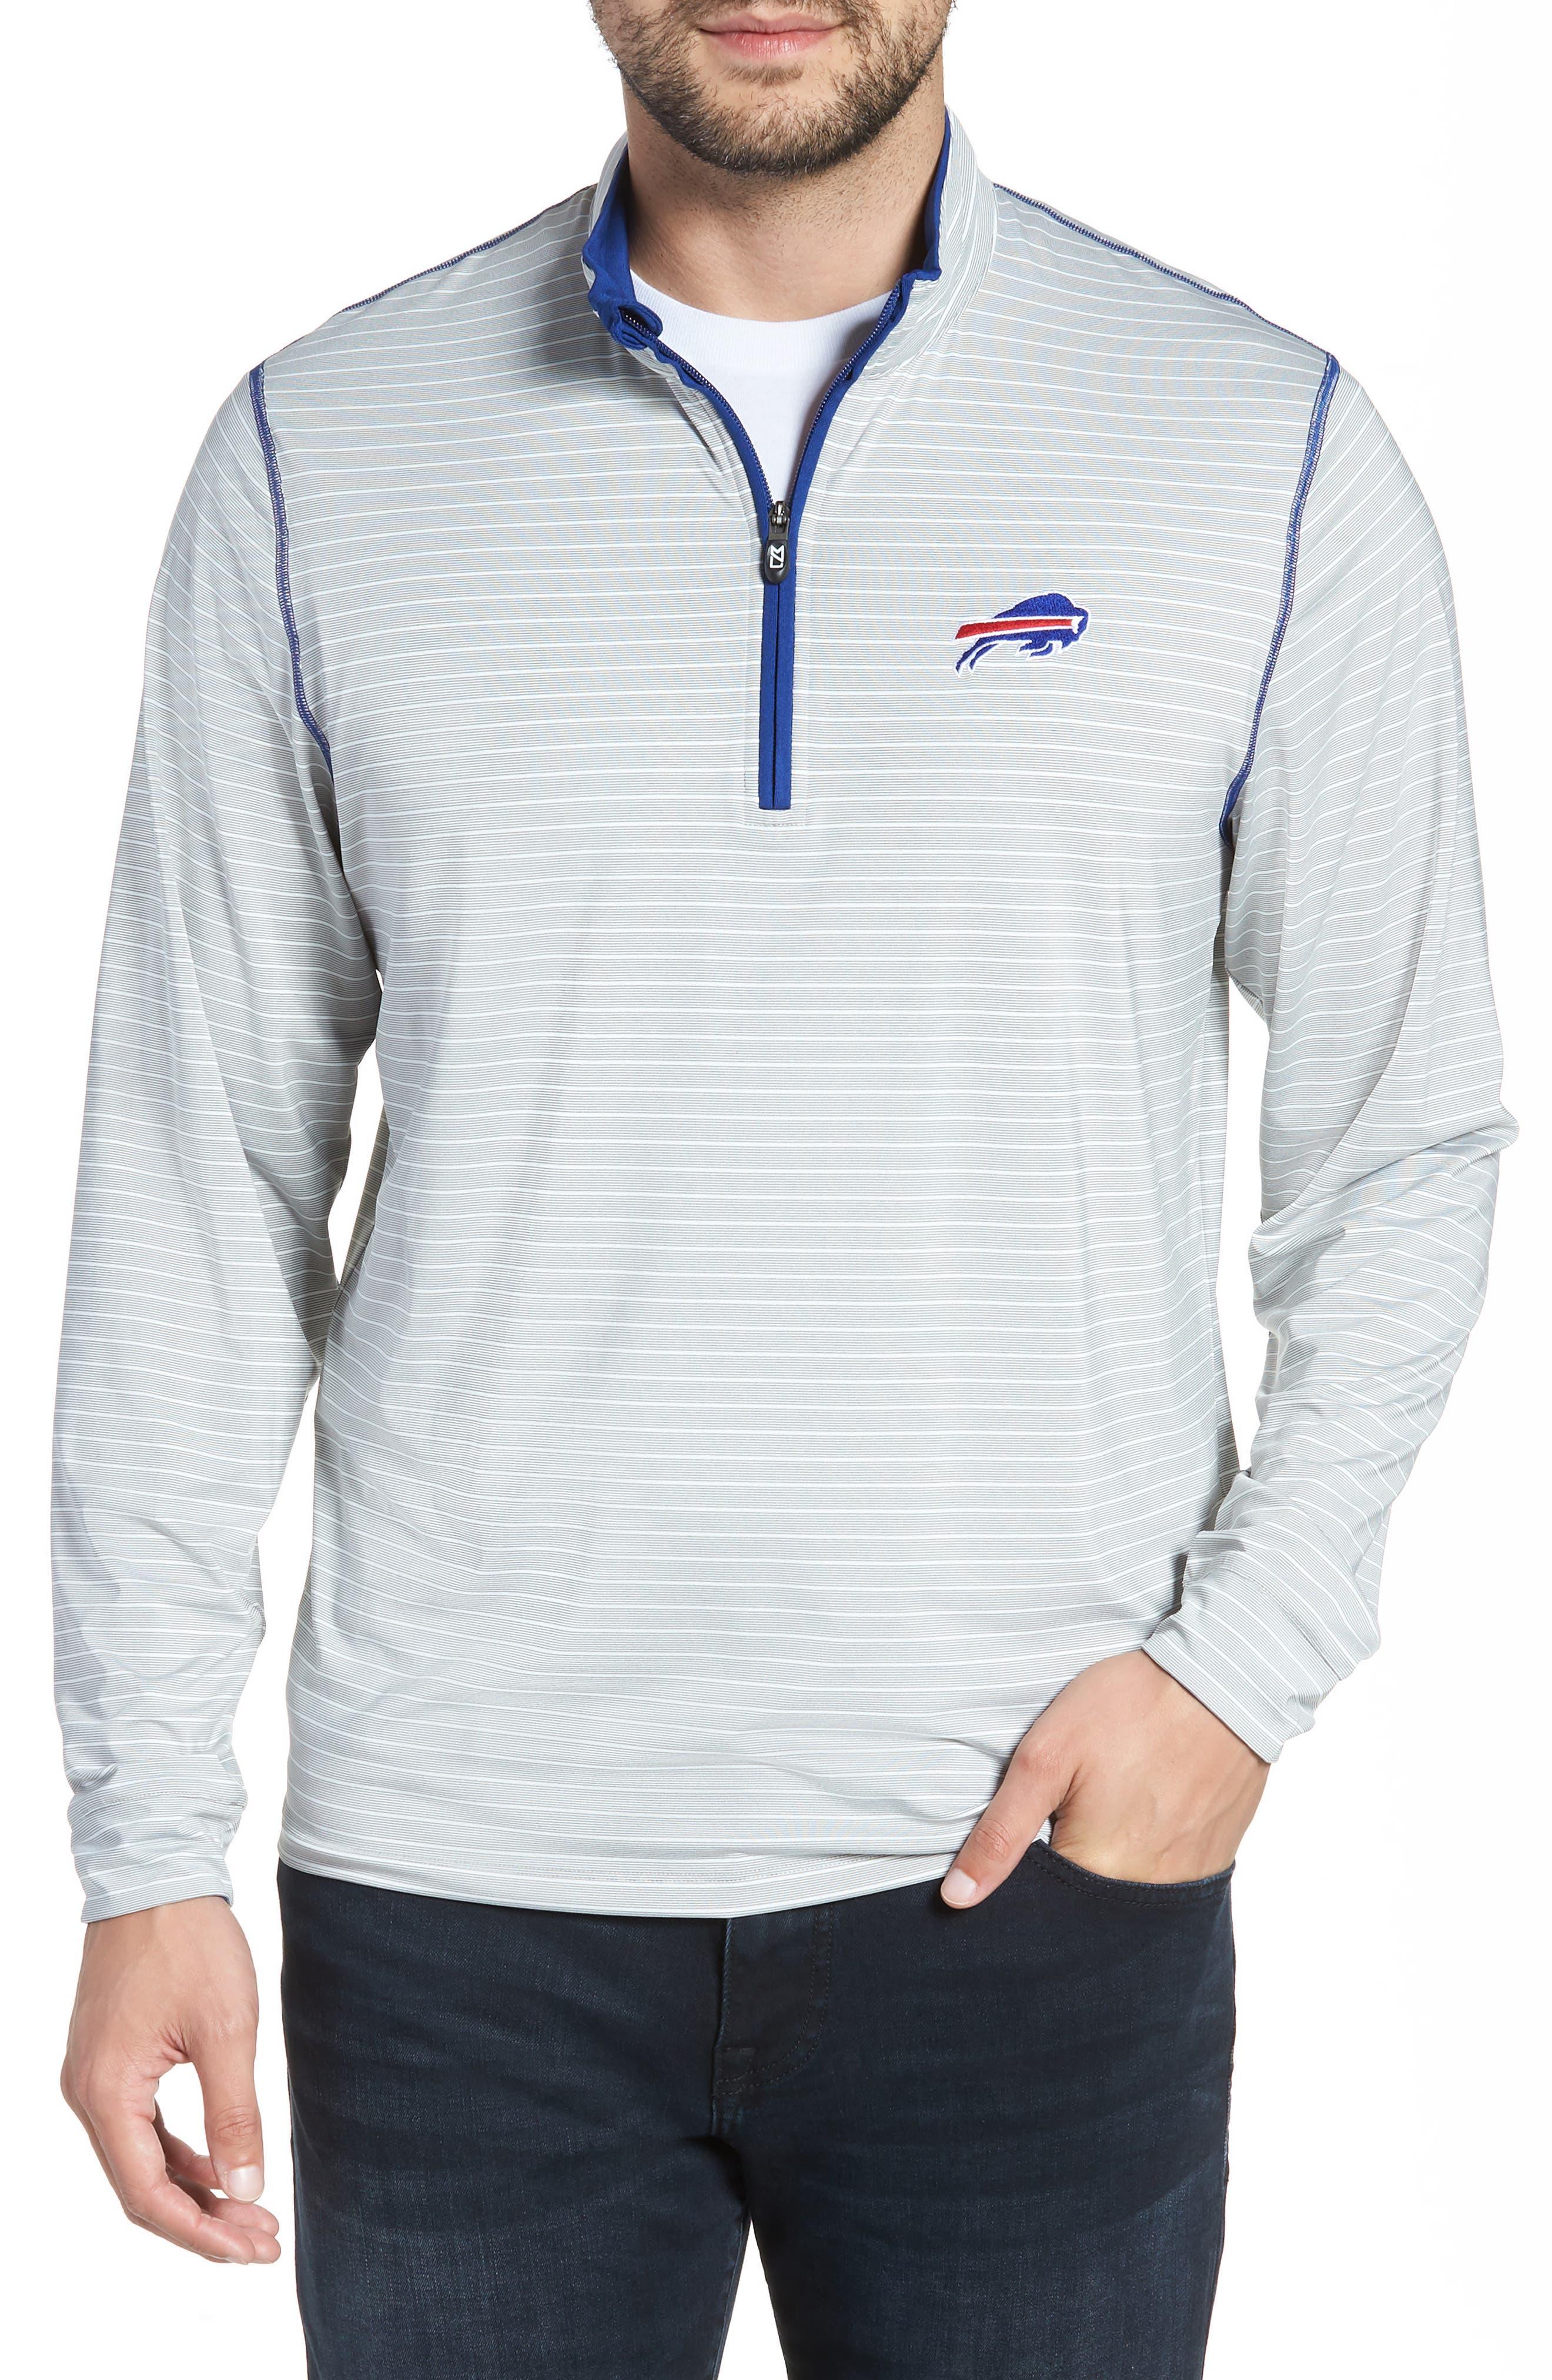 Meridian - Buffalo Bills Regular Fit Half Zip Pullover,                         Main,                         color, 462